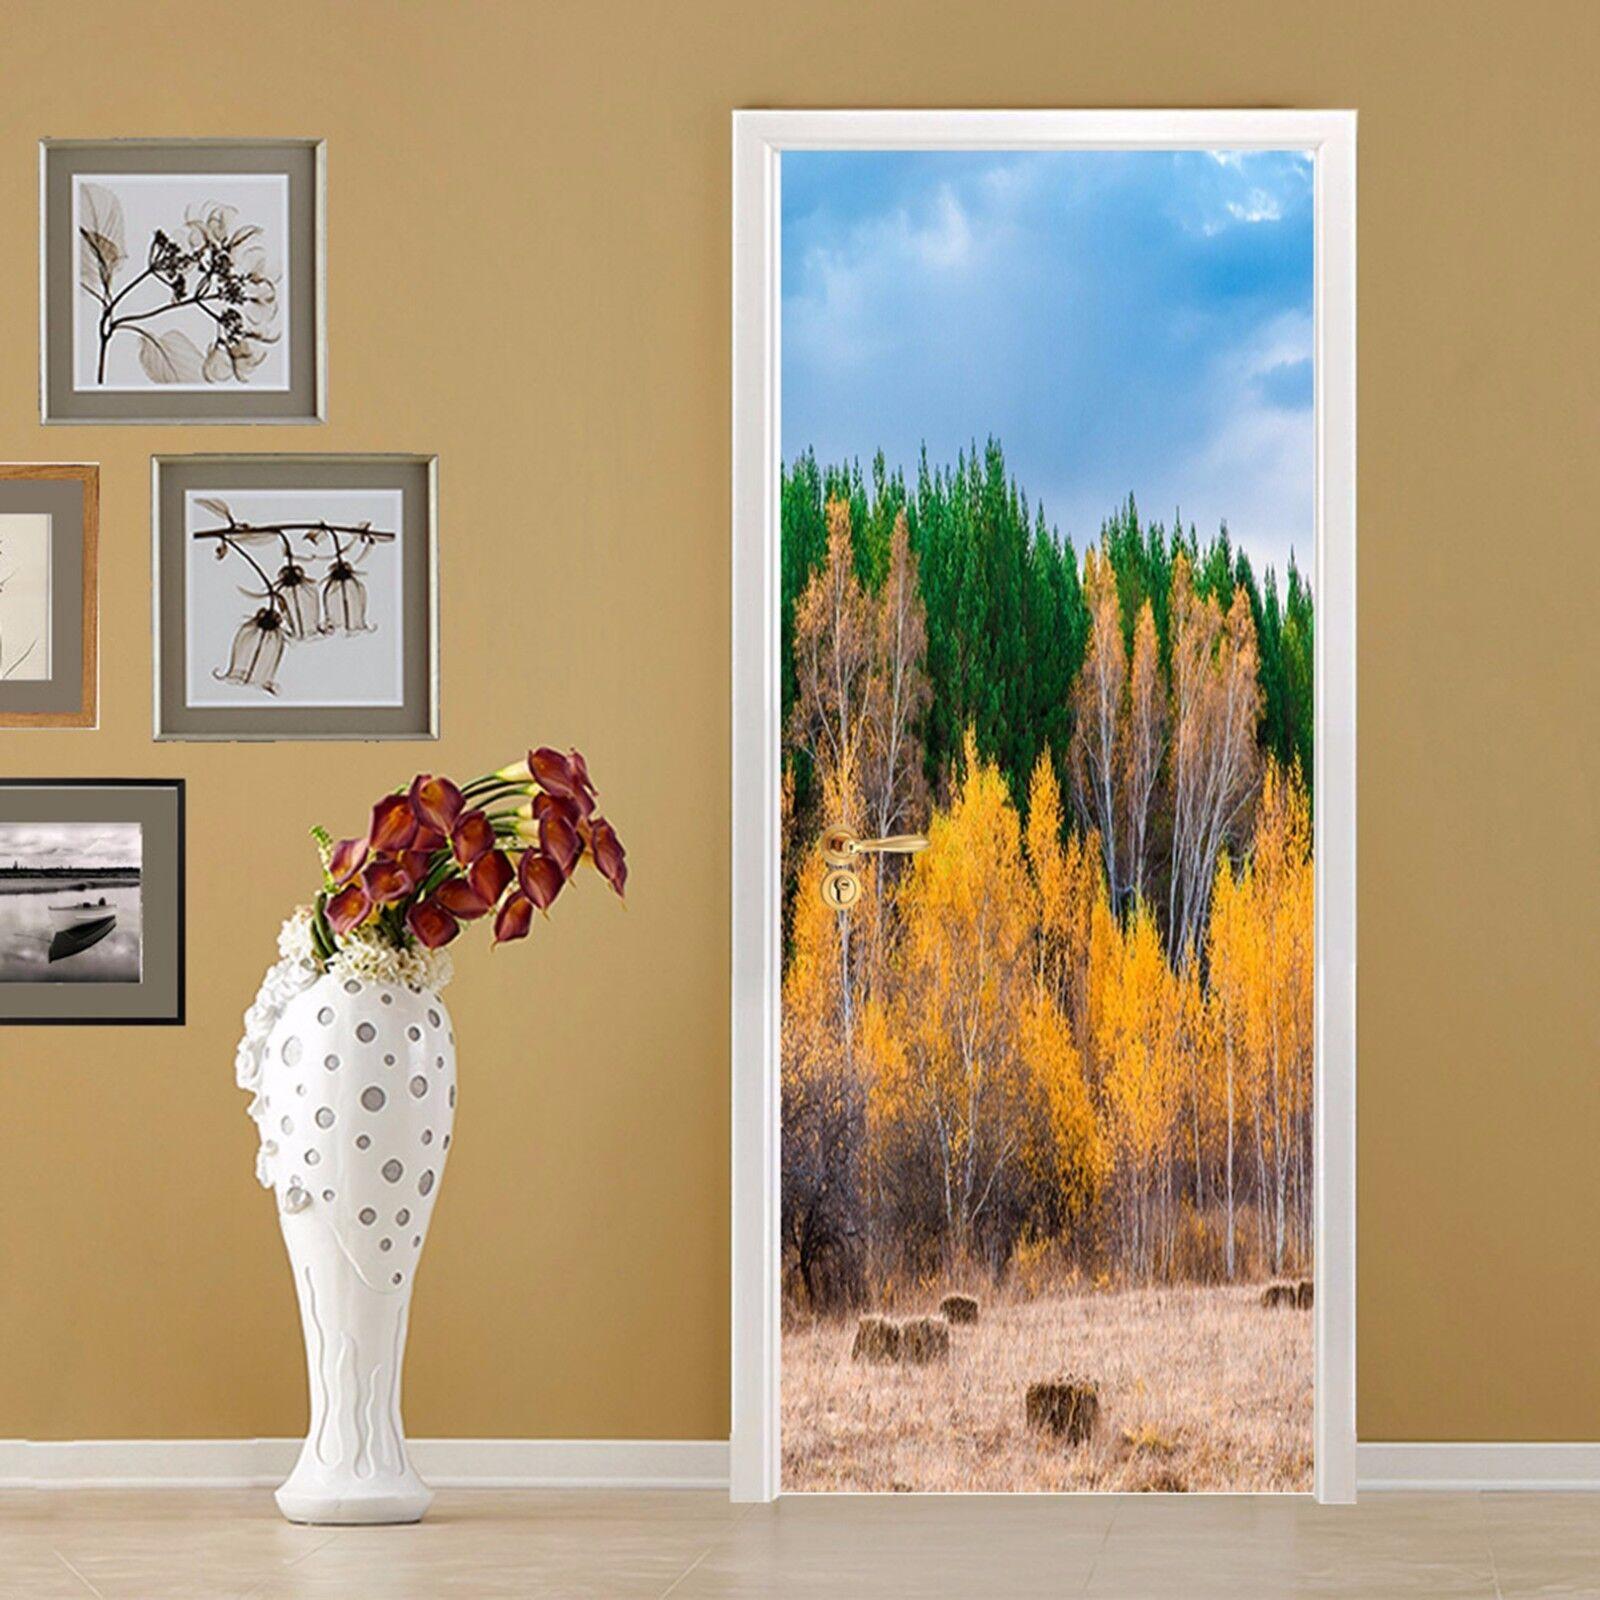 3D Wald 760 Tür Wandmalerei Wandaufkleber Aufkleber Aufkleber Aufkleber AJ WALLPAPER DE Kyra | Offizielle Webseite  | Gutes Design  |  c8acbe